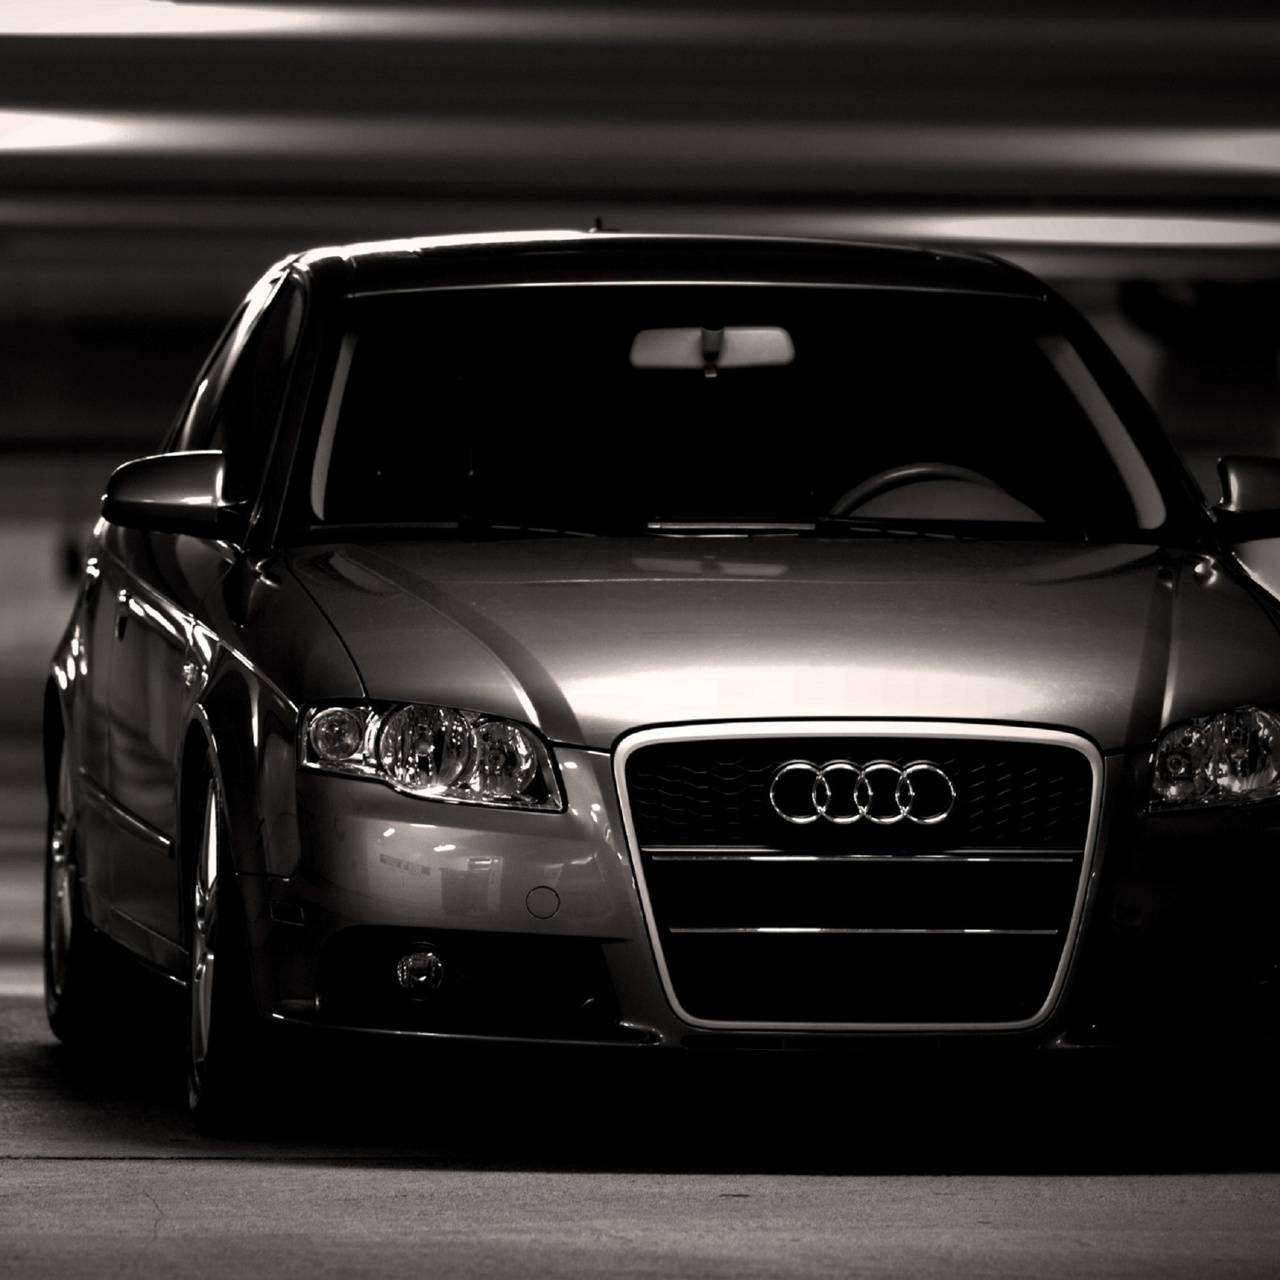 Audi A4 B7 Wallpaper By BANG_978